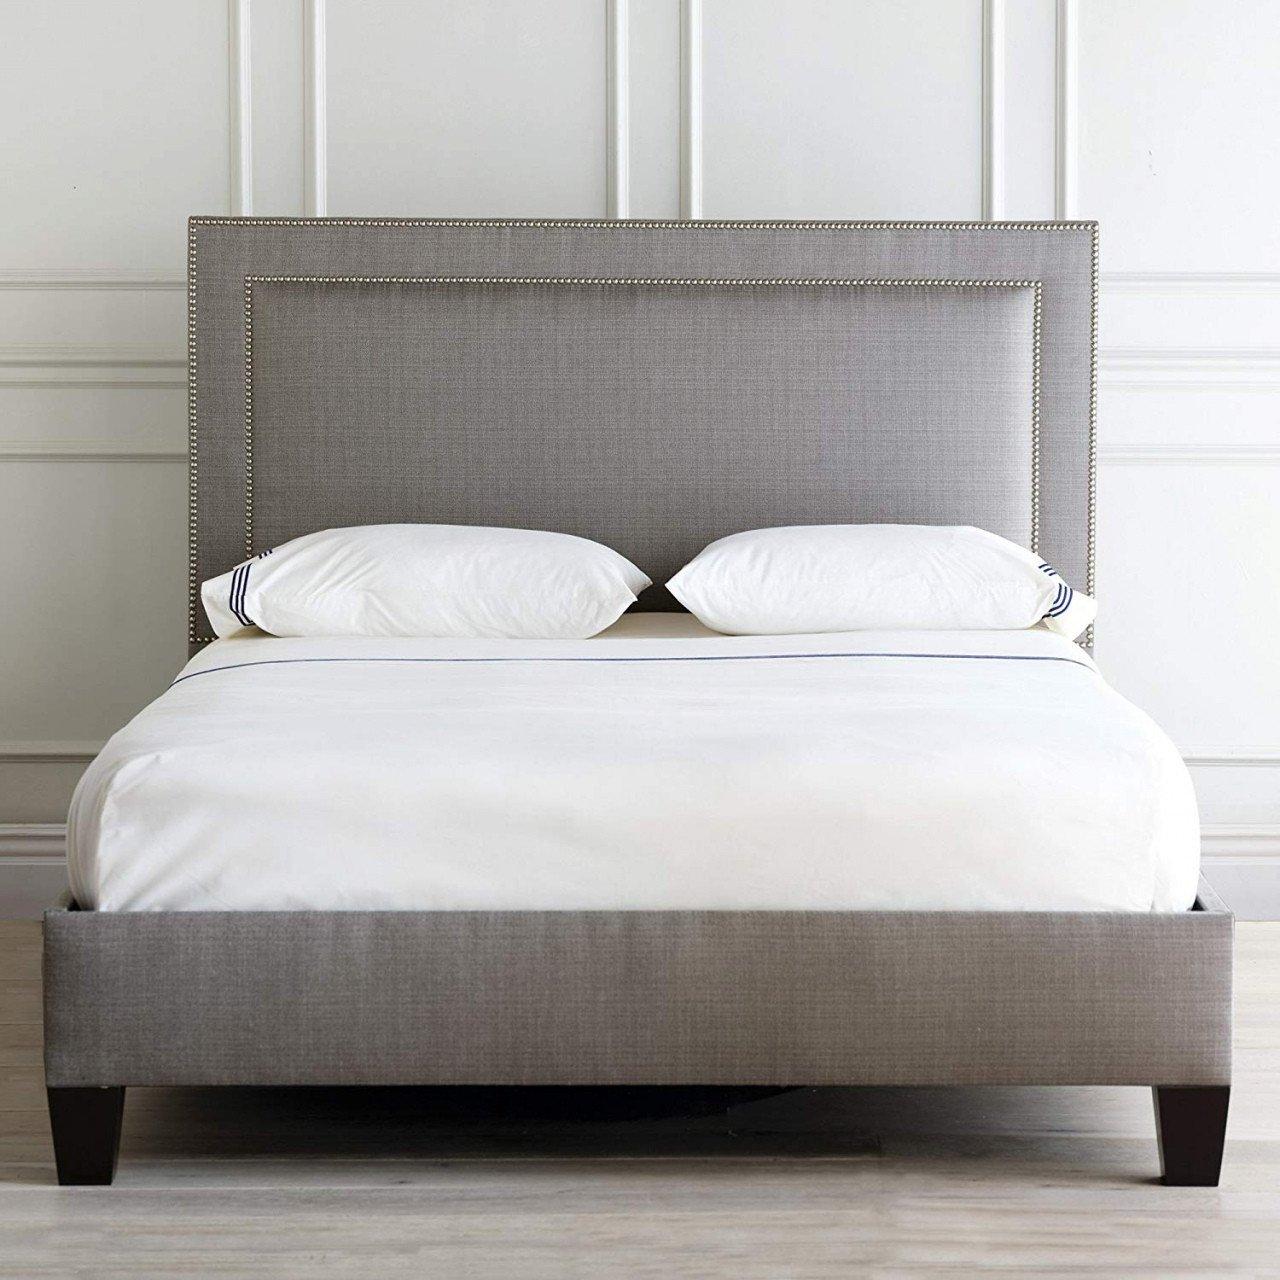 Grand Furniture Bedroom Set Luxury King Metal Platform Bed — Procura Home Blog